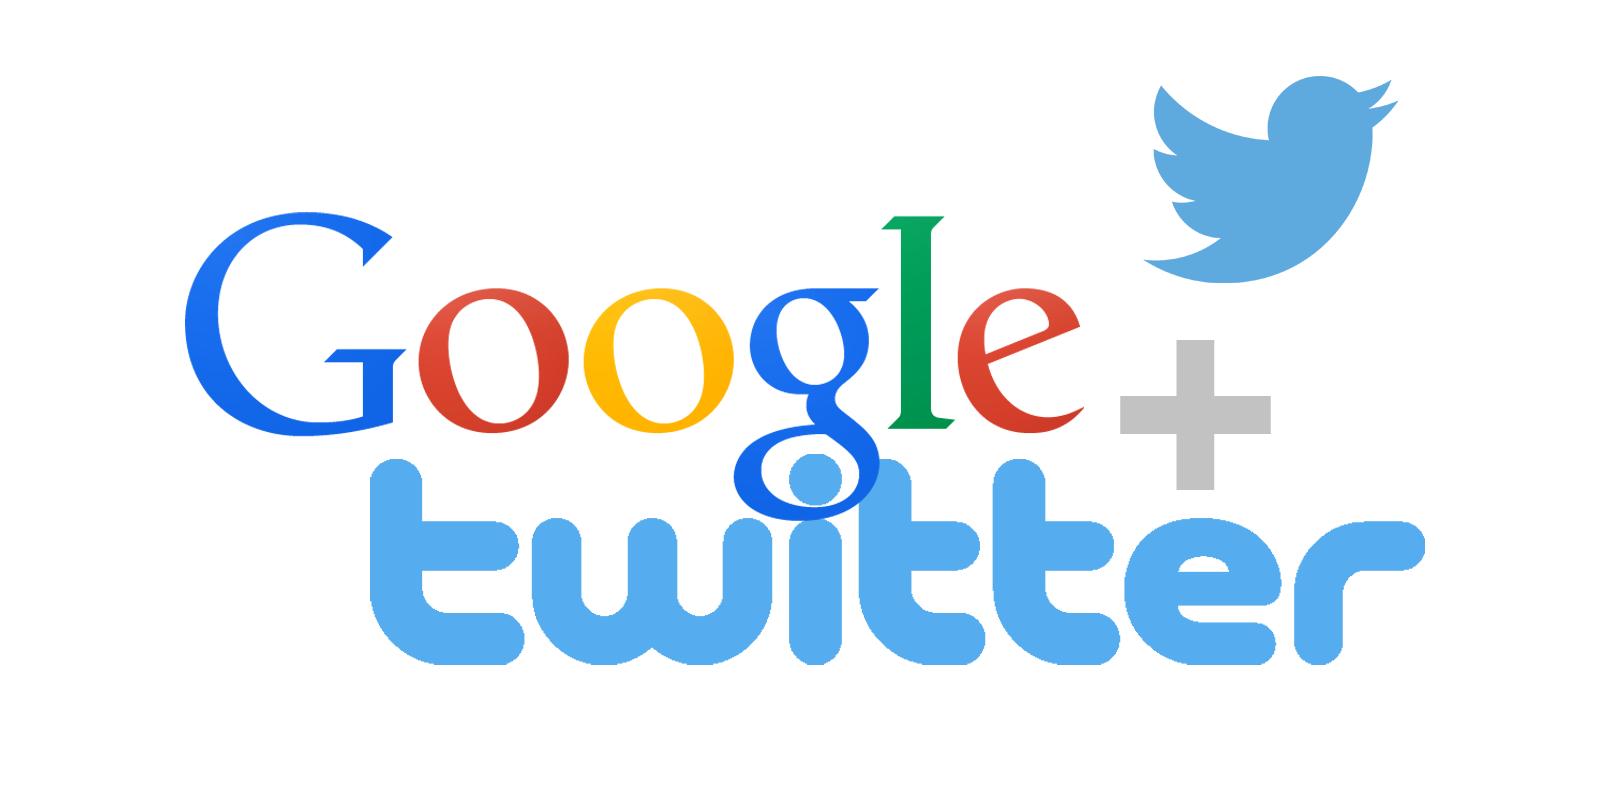 Google + Twitter podría convertirse en realidad